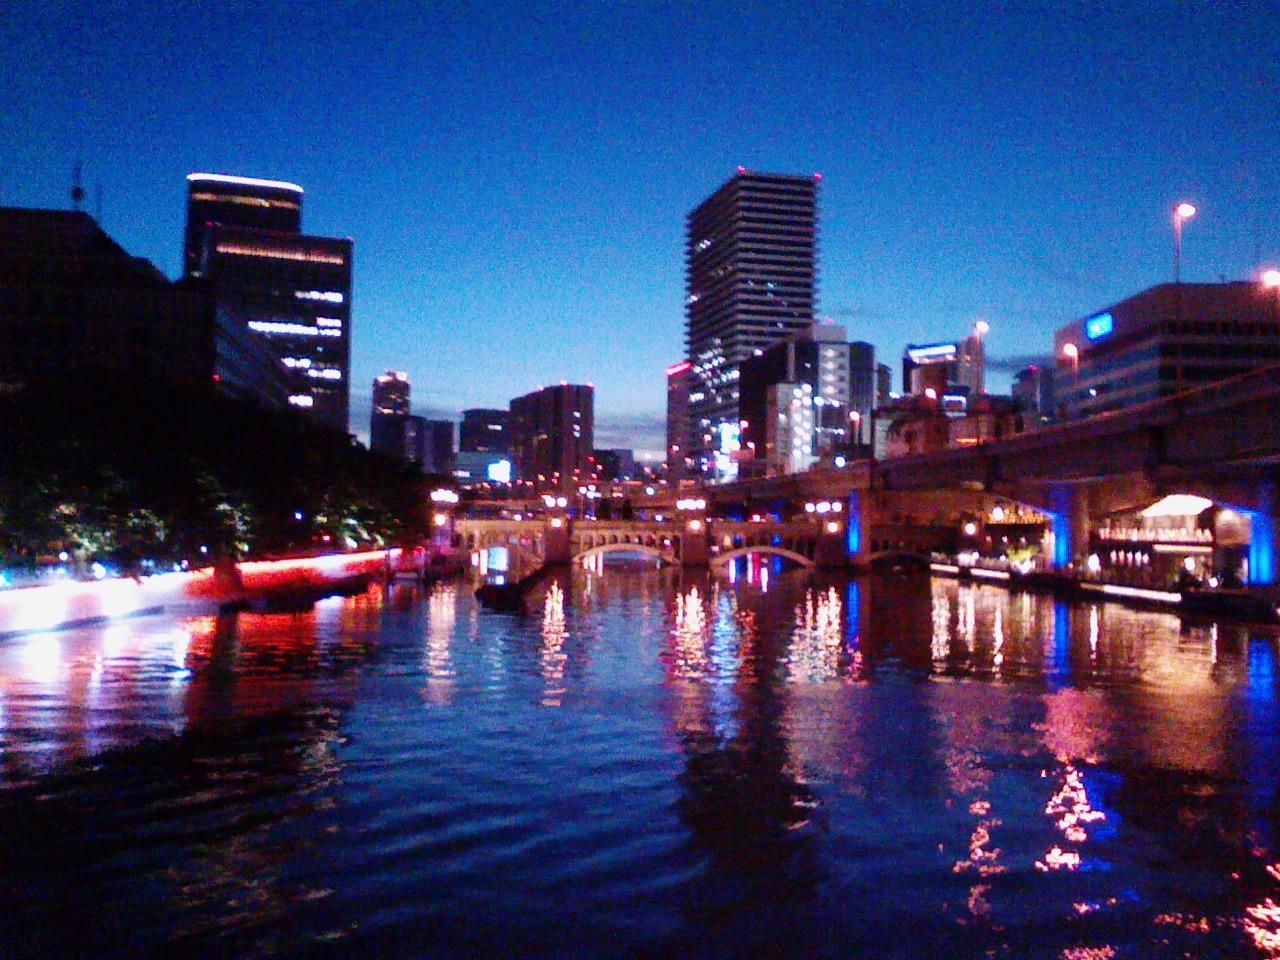 2018_08_26_水晶橋